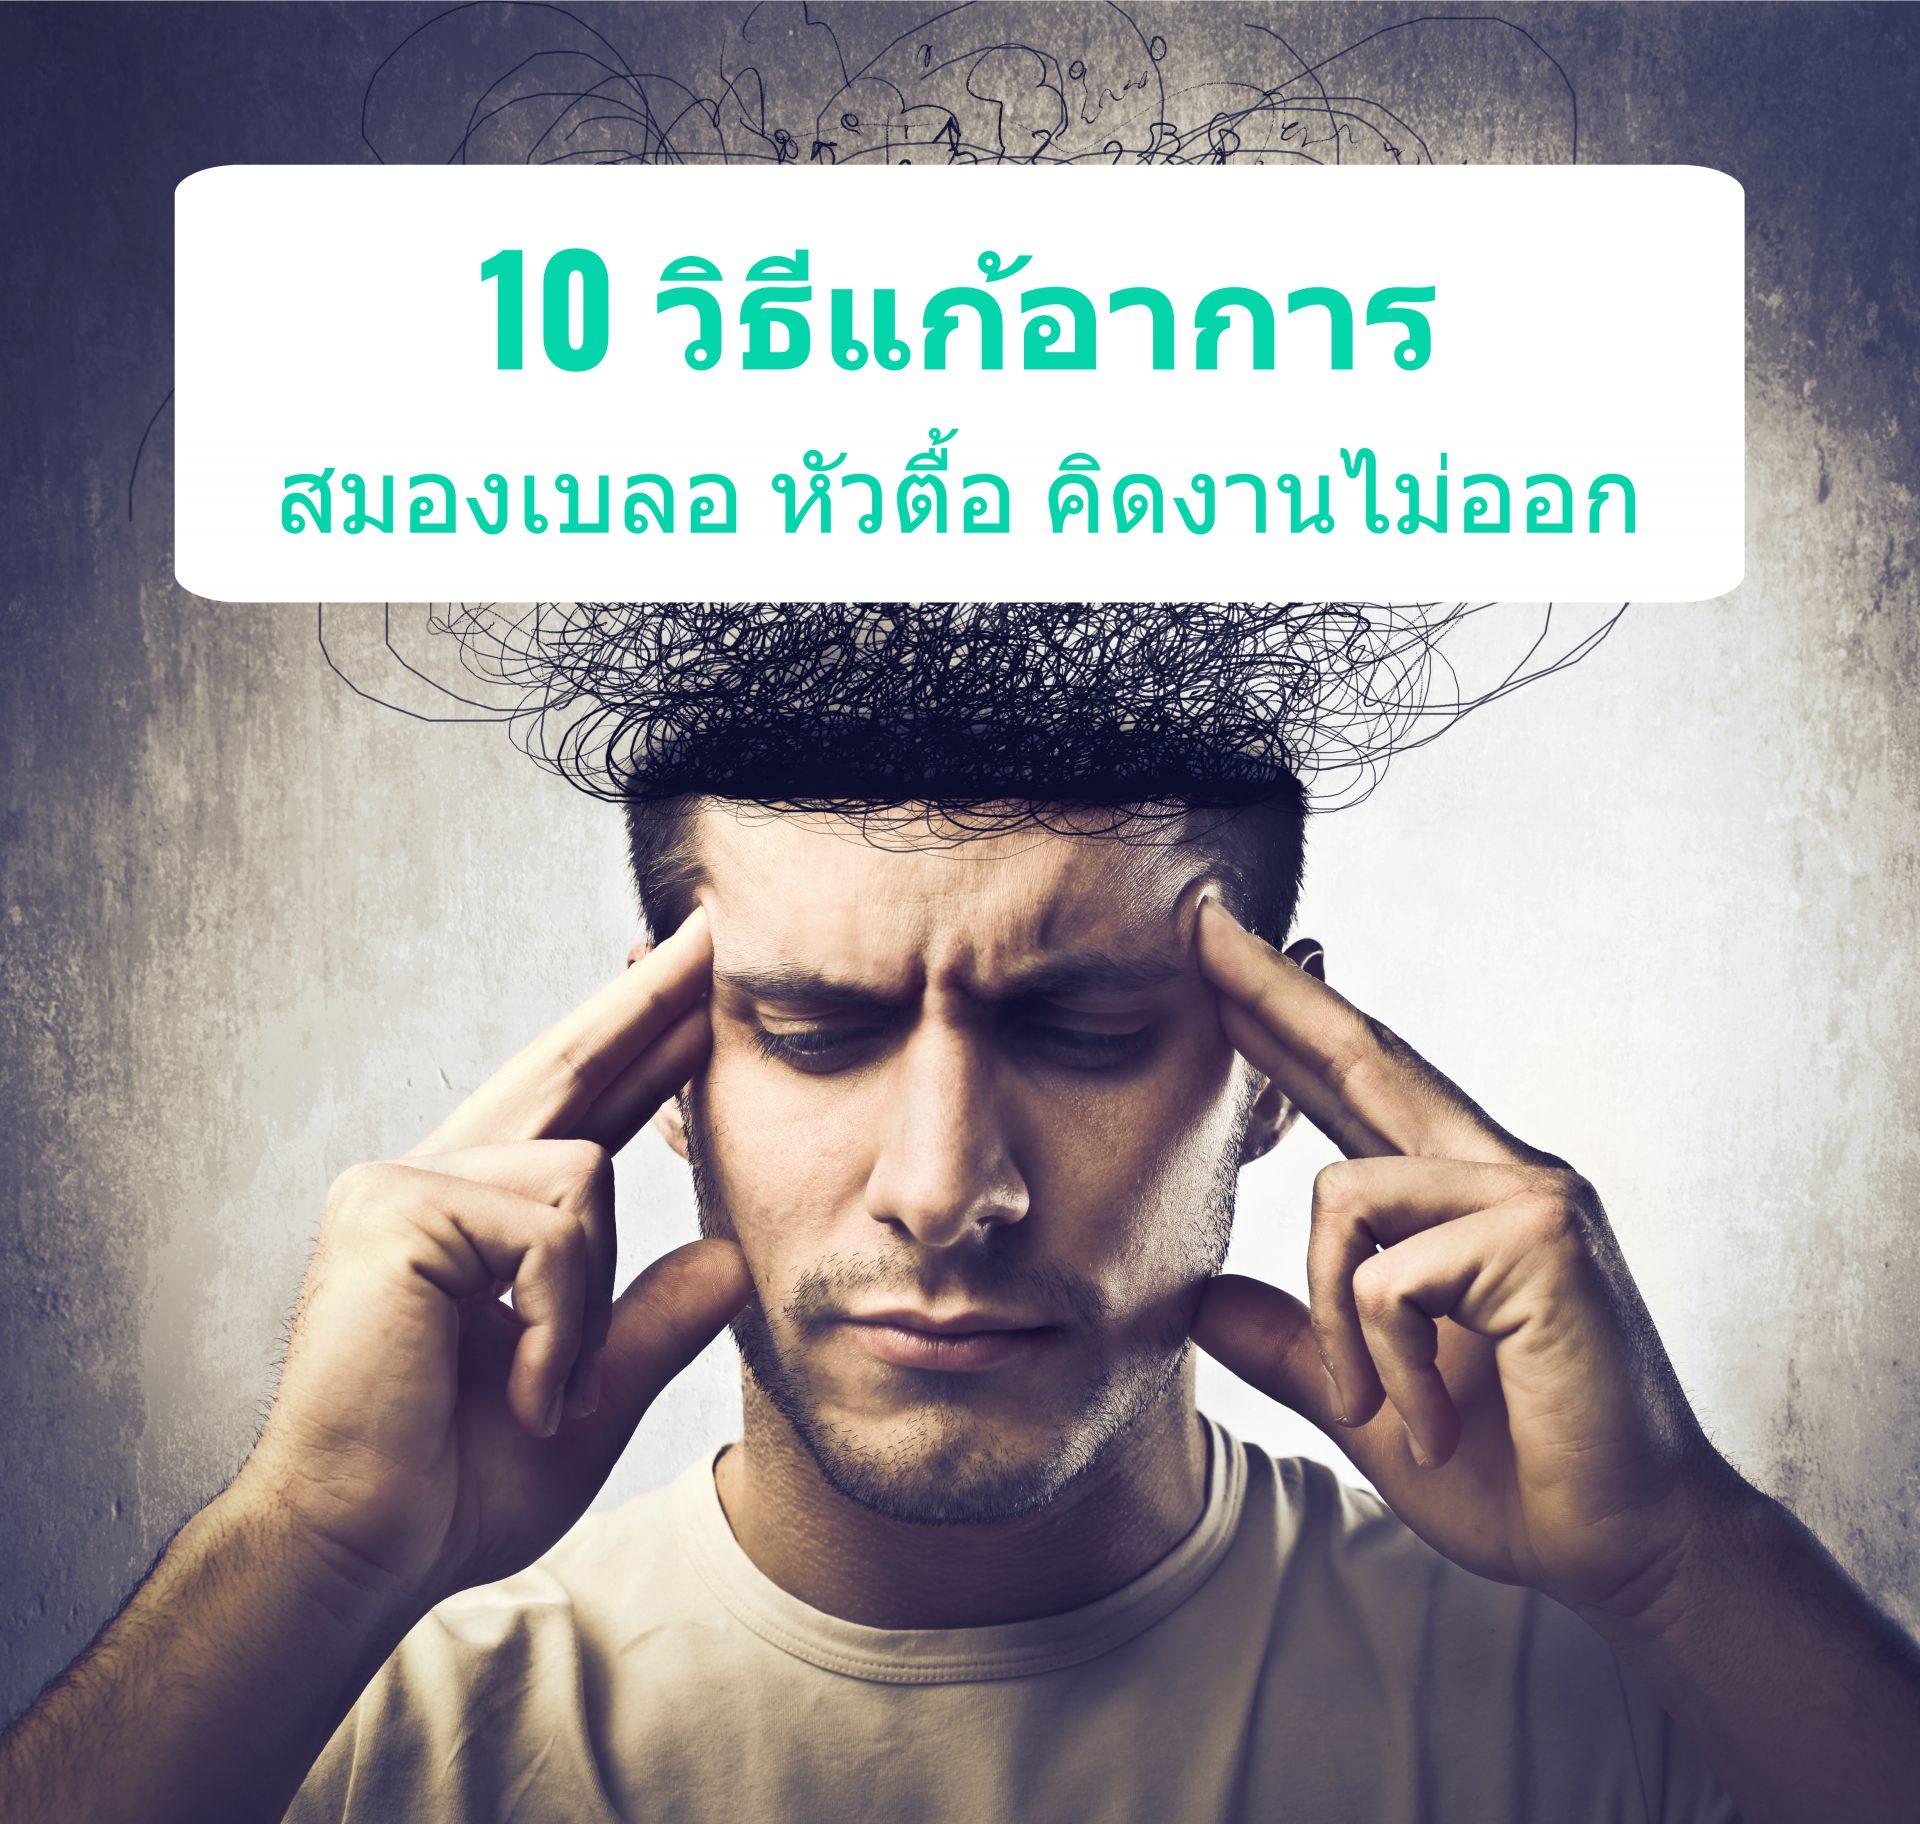 10 วิธีแก้อาการสมองเบลอ หัวตื้อ คิดงานไม่ออก